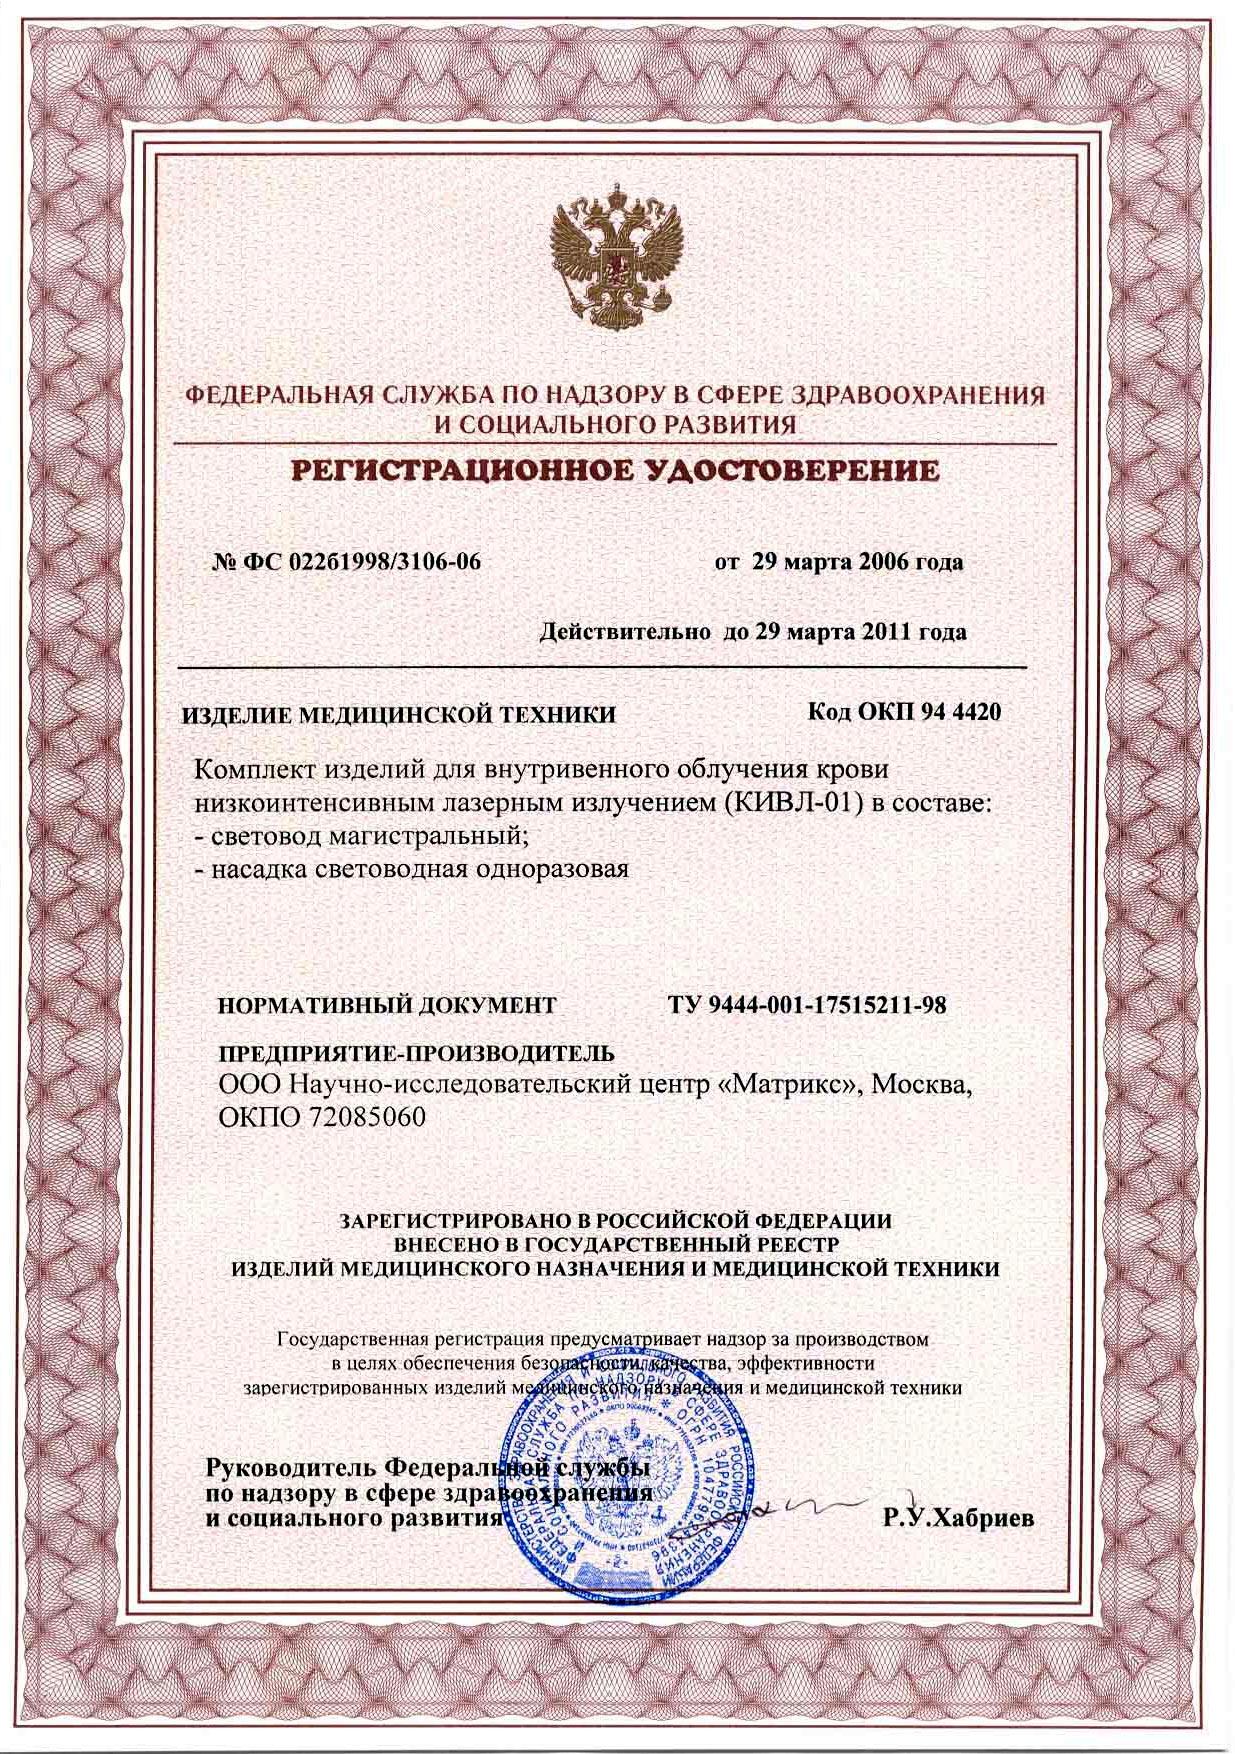 сертификат КИВЛ-01 - комплект изделий для внутреннего облучения крови